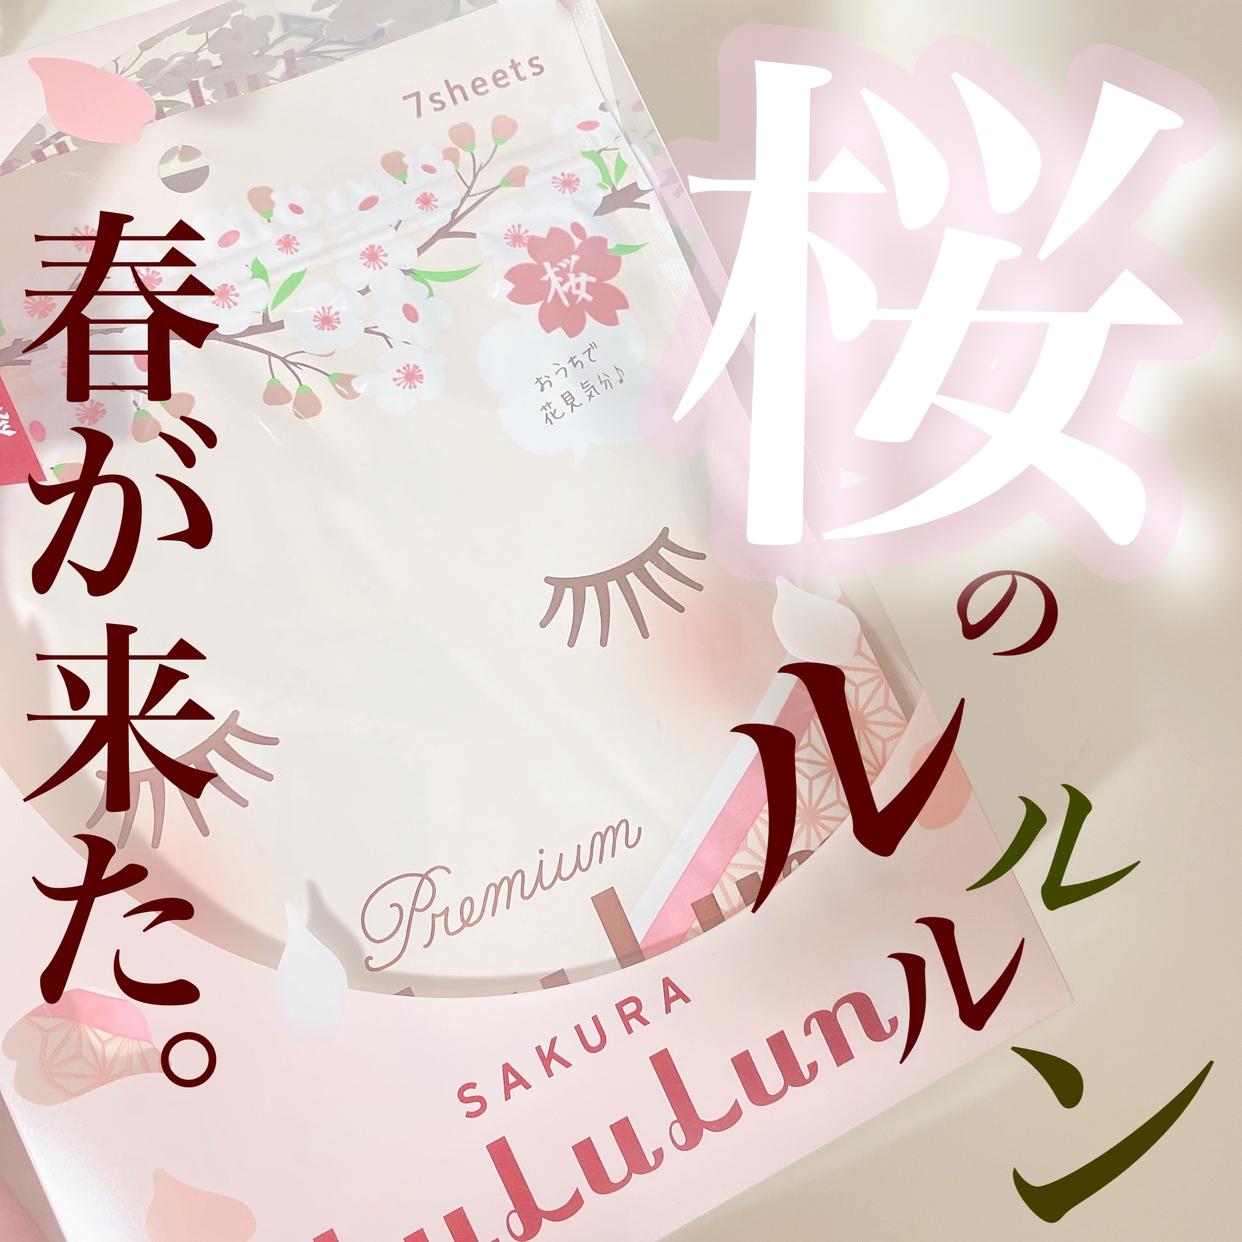 LuLuLun(ルルルン) 春限定  プレミアムルルルン桜を使ったOLちゃんさんのクチコミ画像1